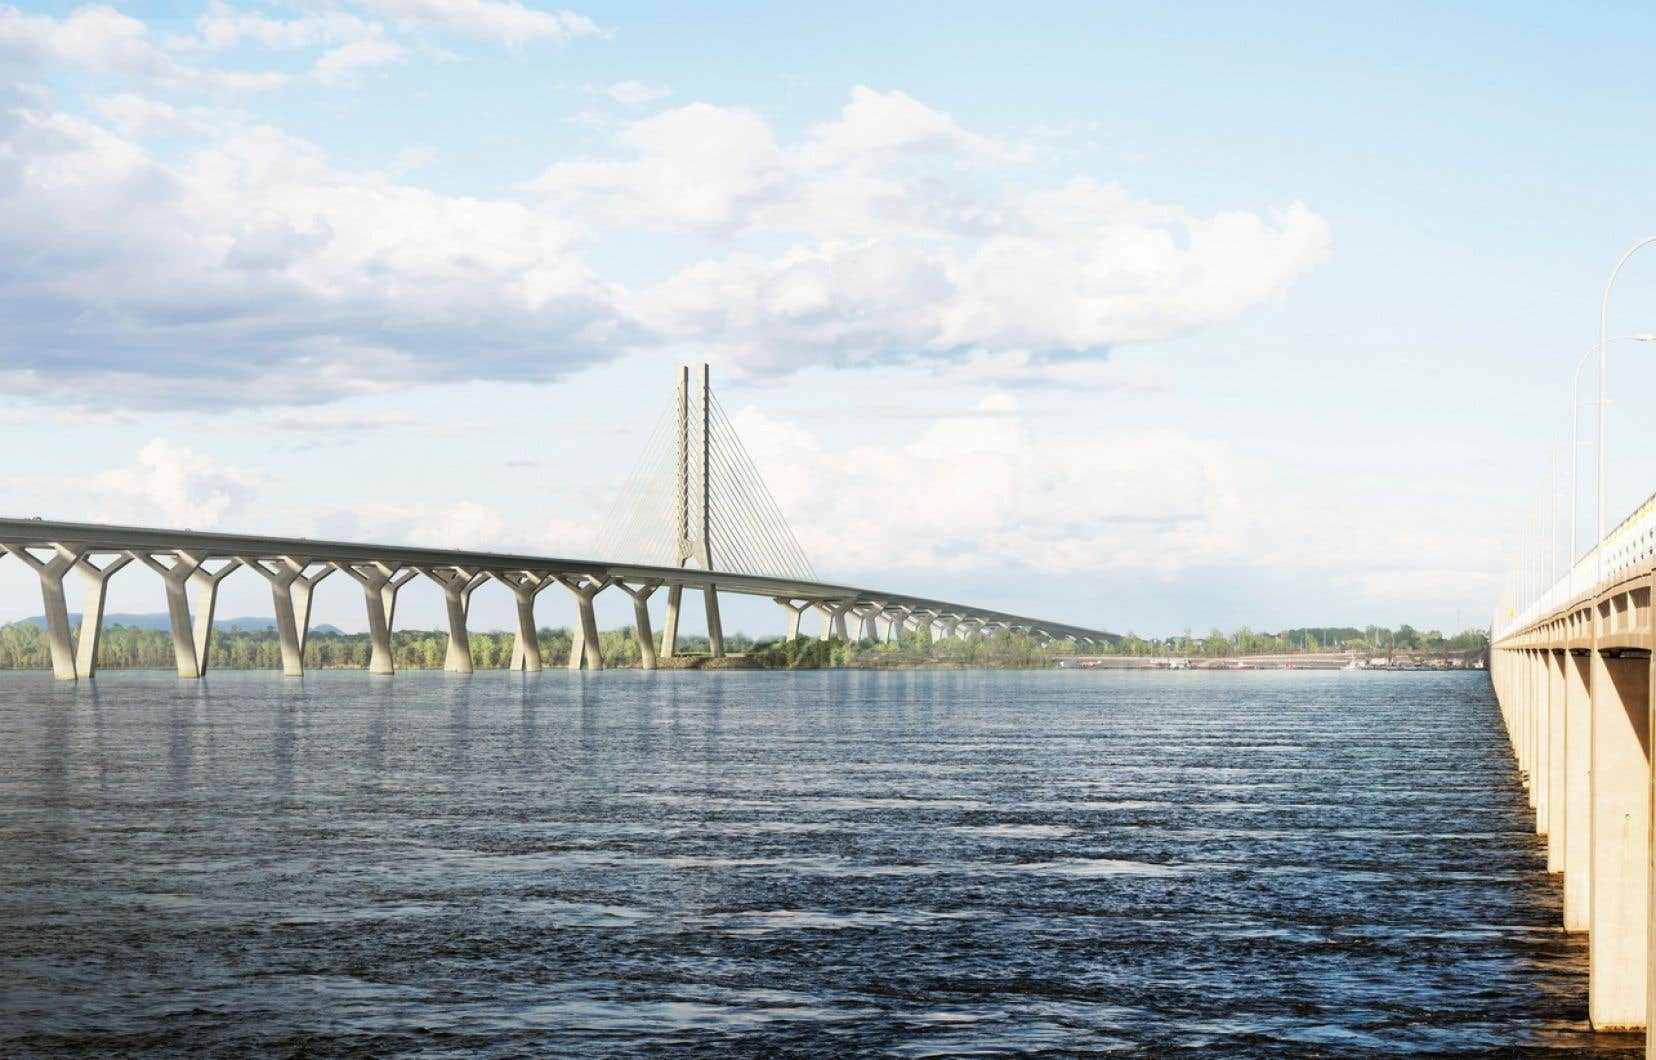 Le nouveau pont sera doté de haubans dans la section qui surplombe la Voie maritime du Saint-Laurent.